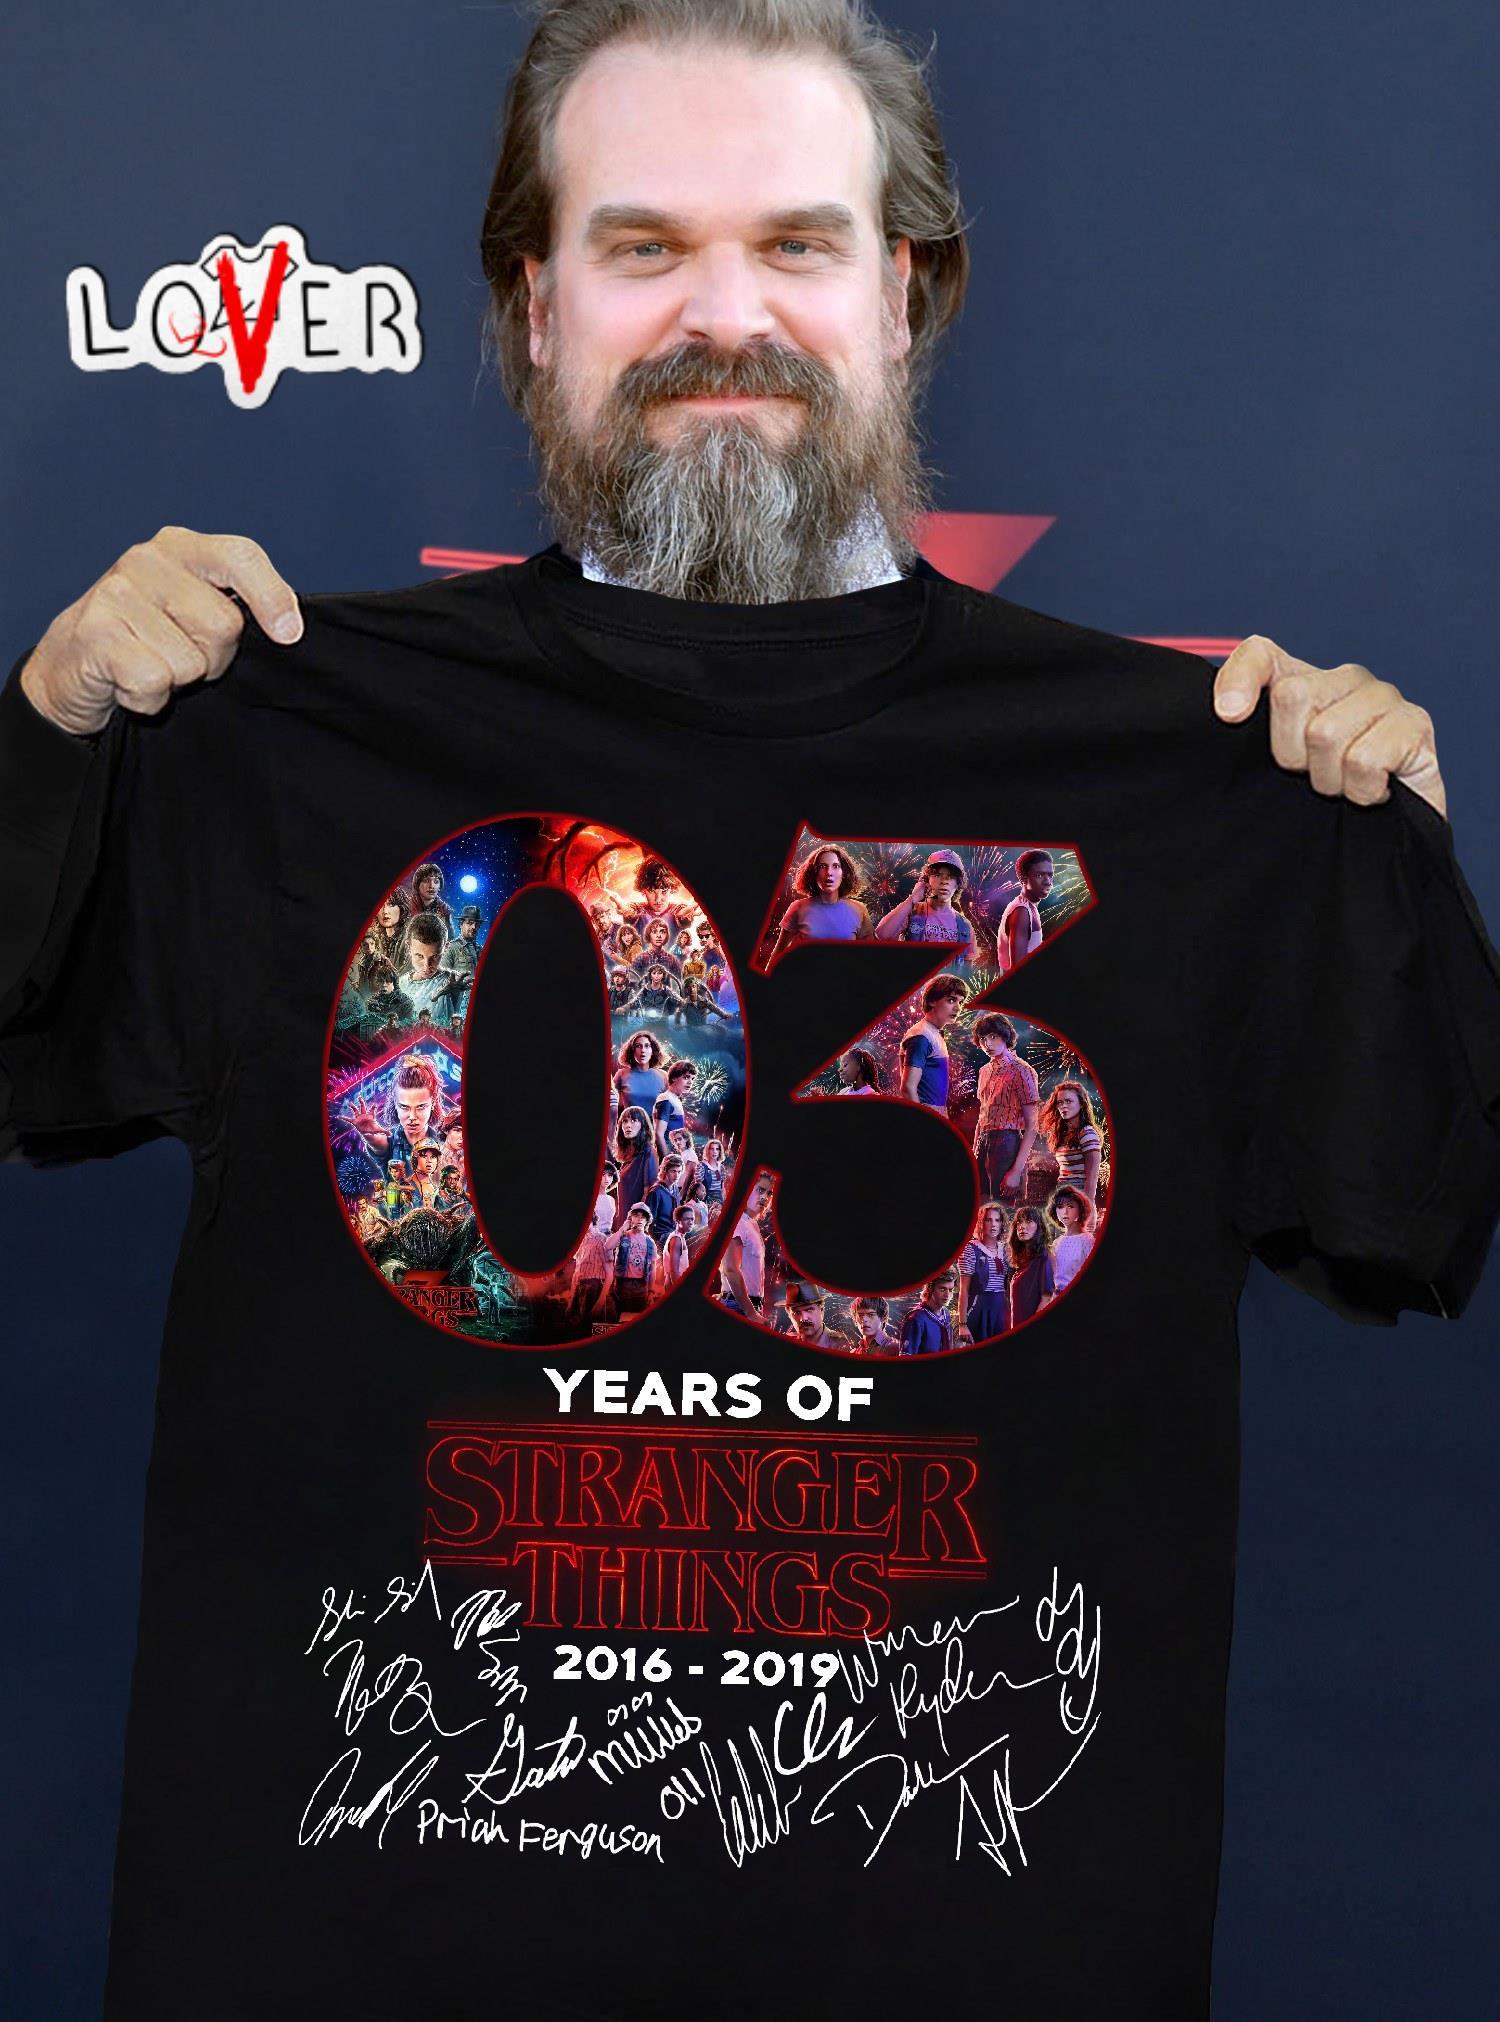 03 Years of Stranger Things 2016-2019 Signature shirt